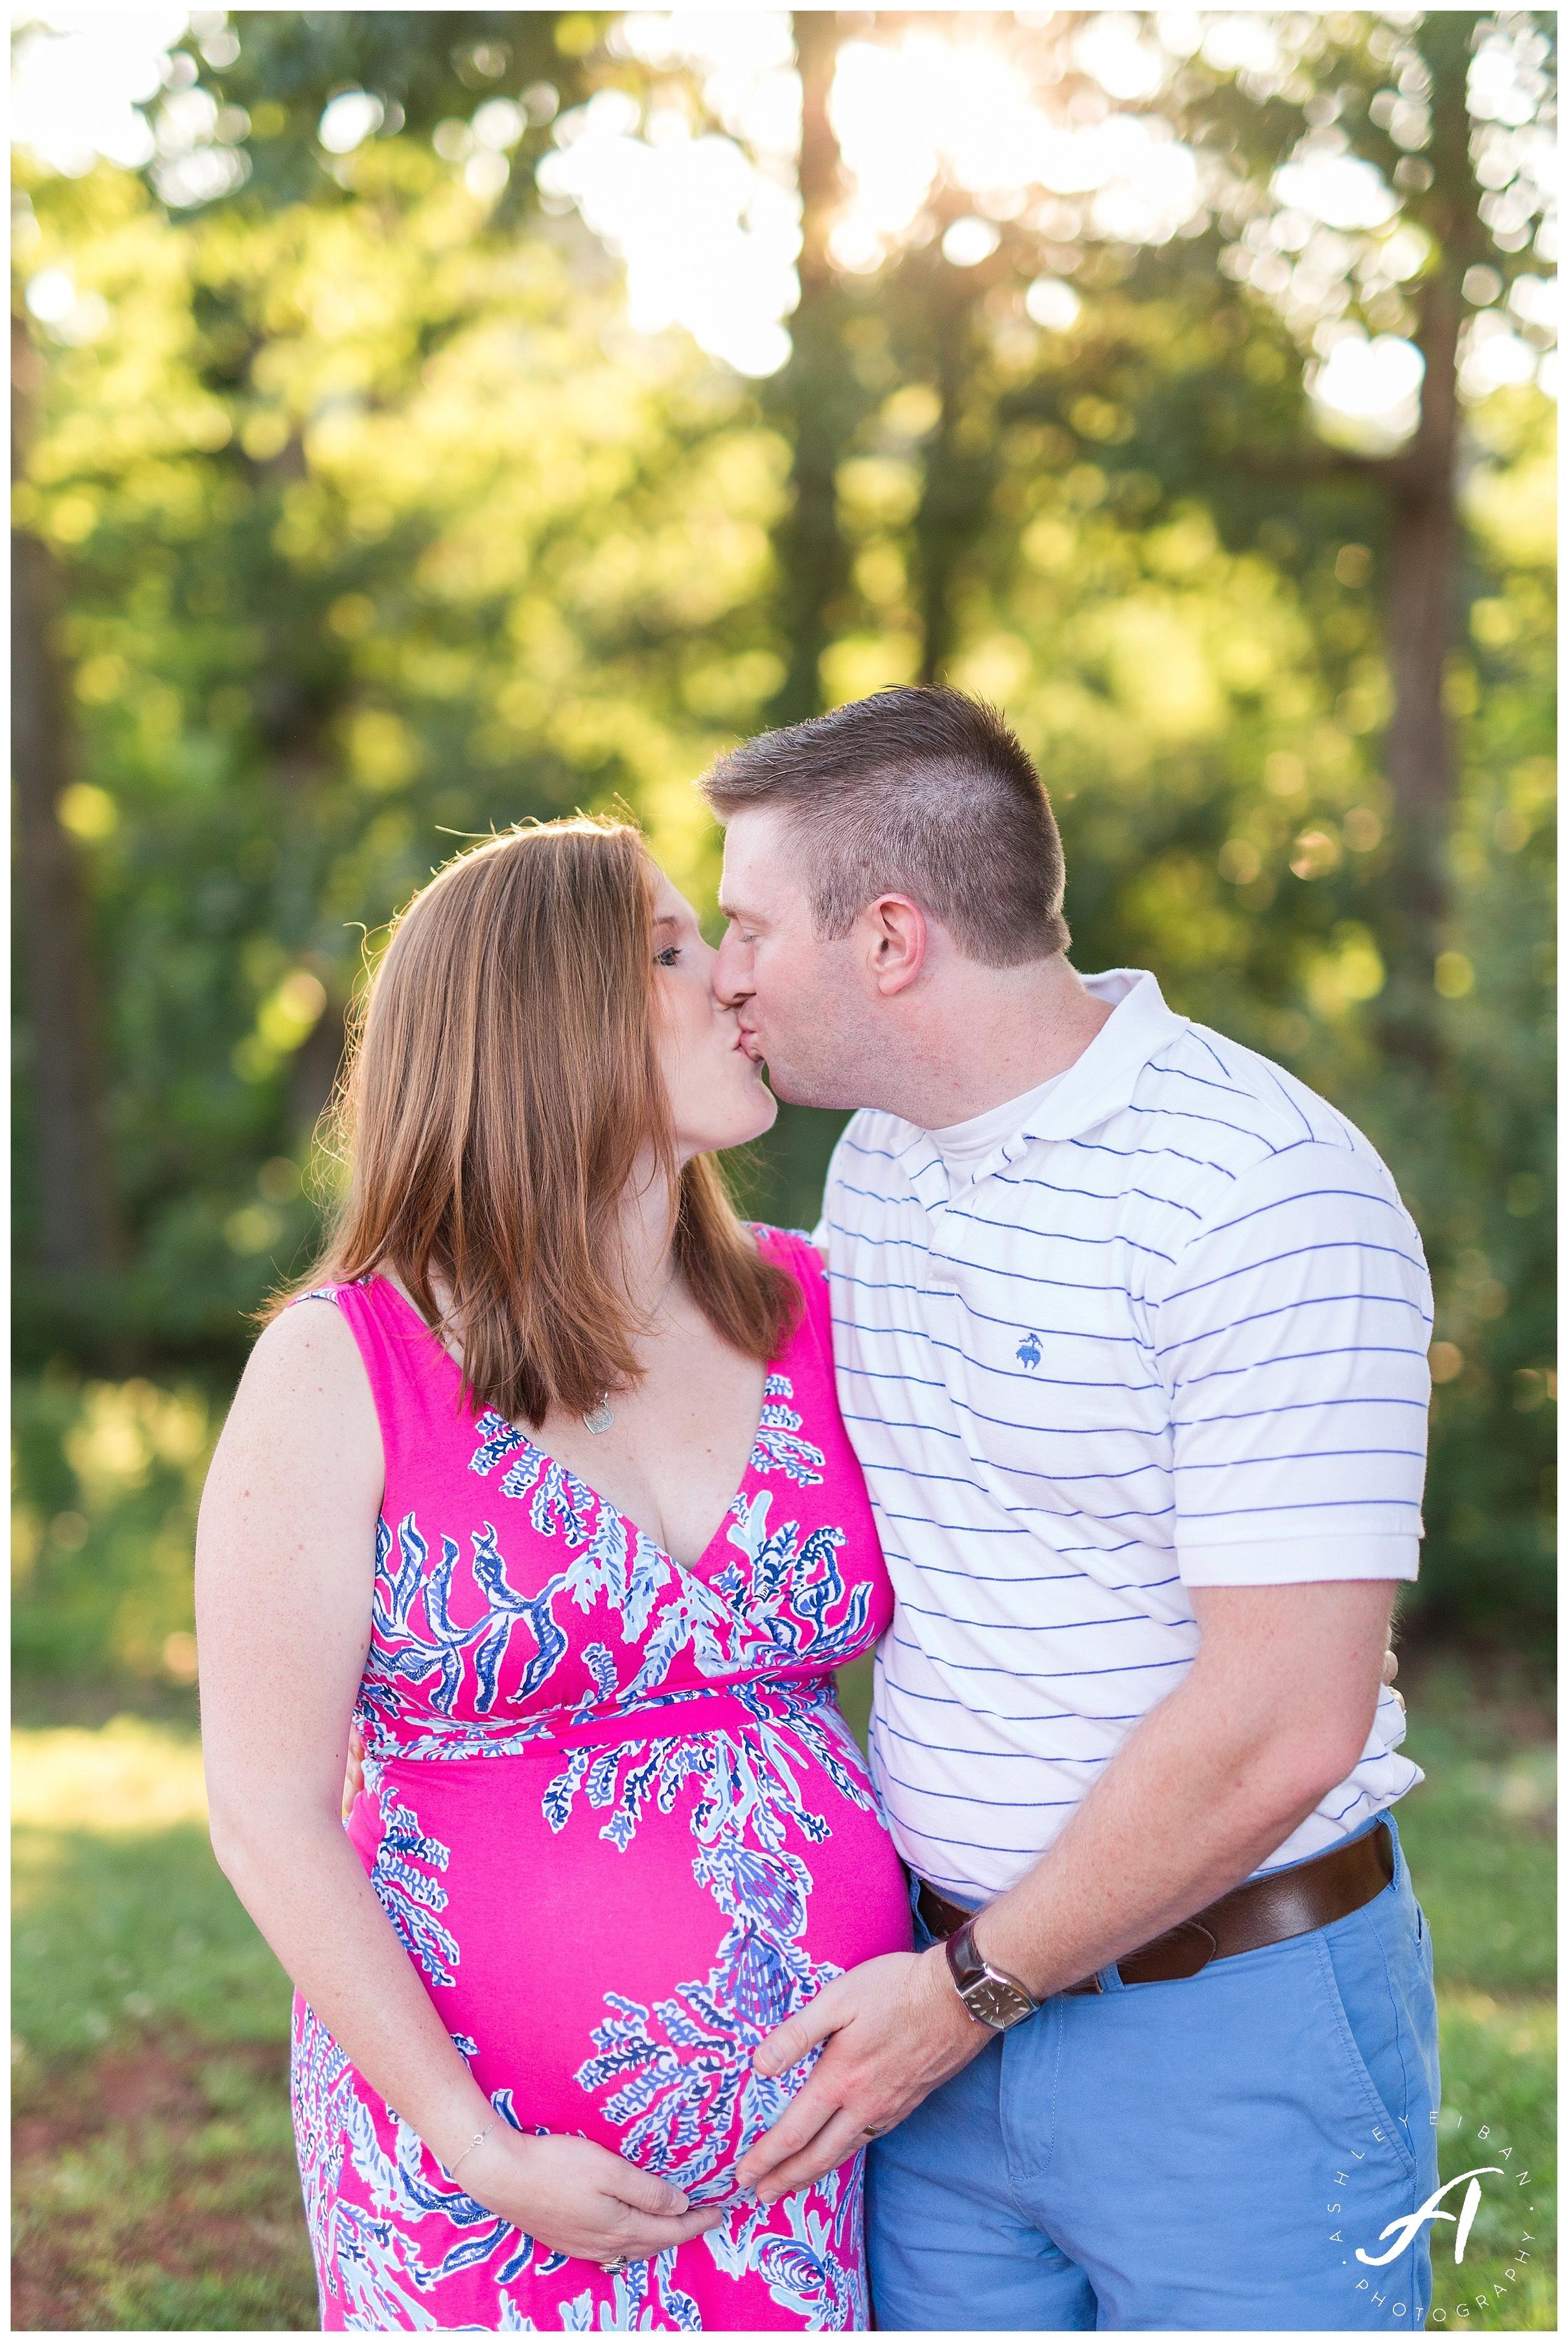 Summer Maternity photographer || Lynchburg & Charlottesville Photographer || Wedding Photographer || Ashley Eiban Photography || www.ashleyeiban.com